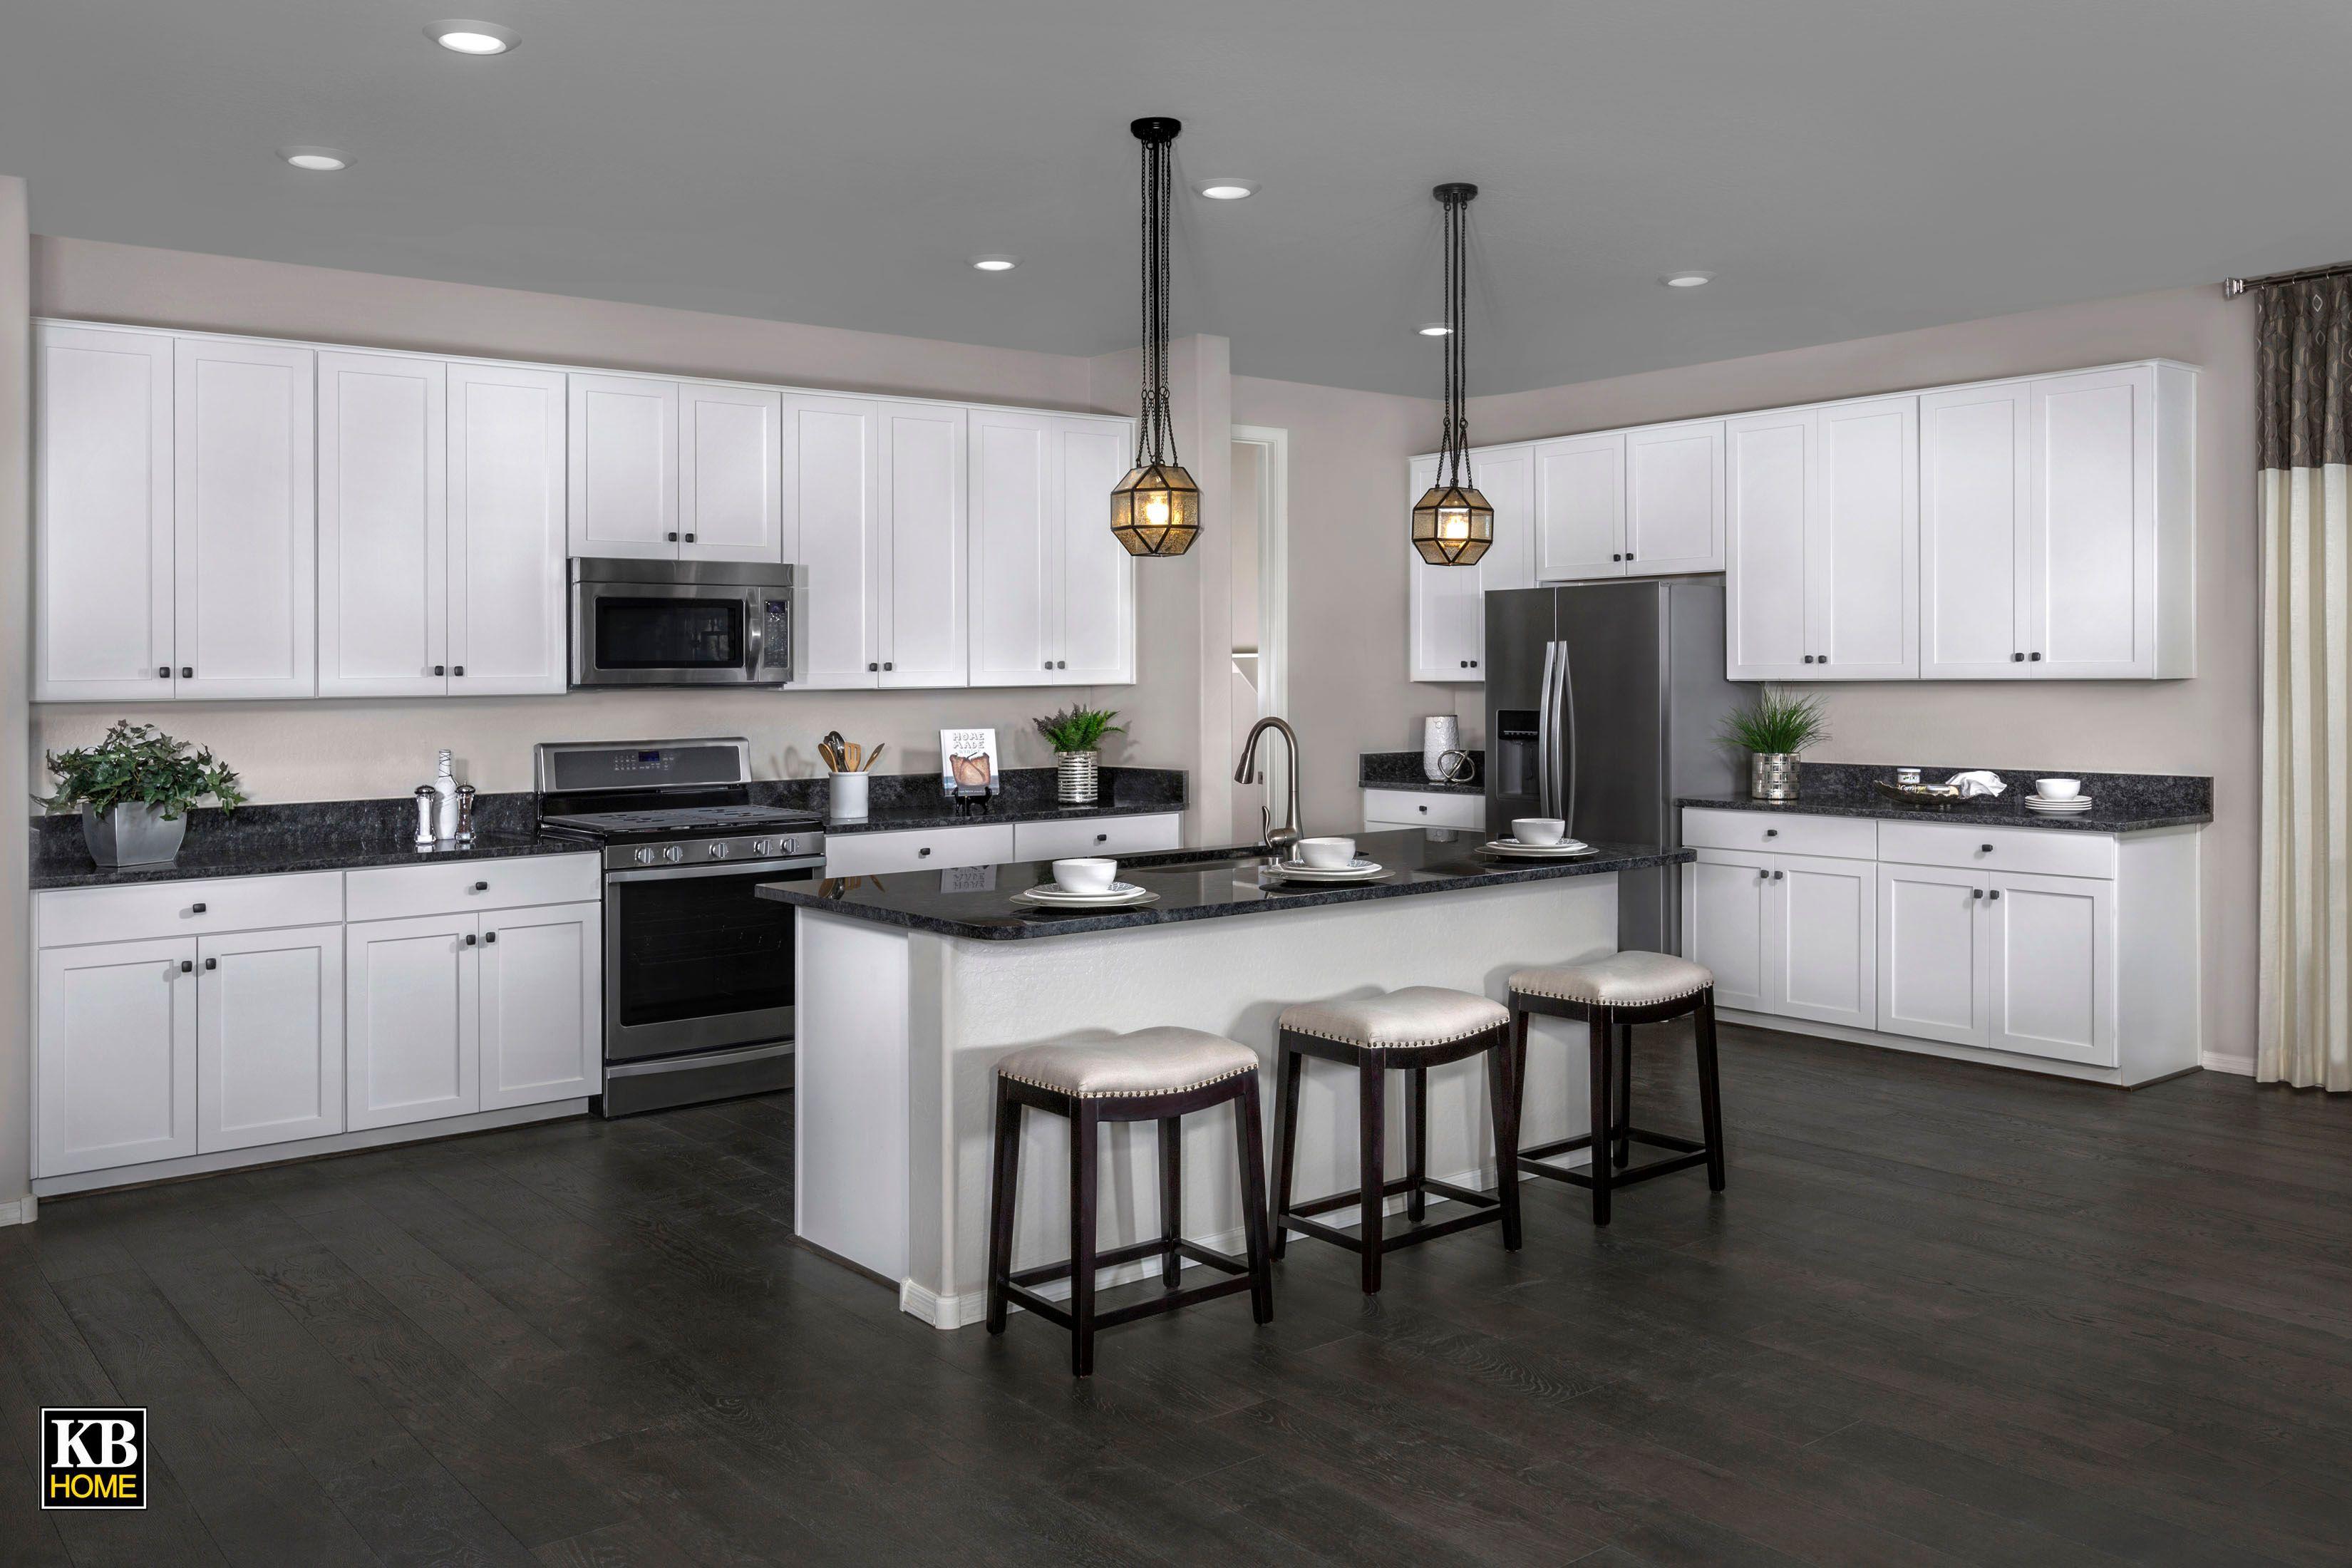 Segretto Model Kitchen Plan 2311 #kbhome #arizona #interiordesign Pleasing New Model Kitchen Design Design Inspiration